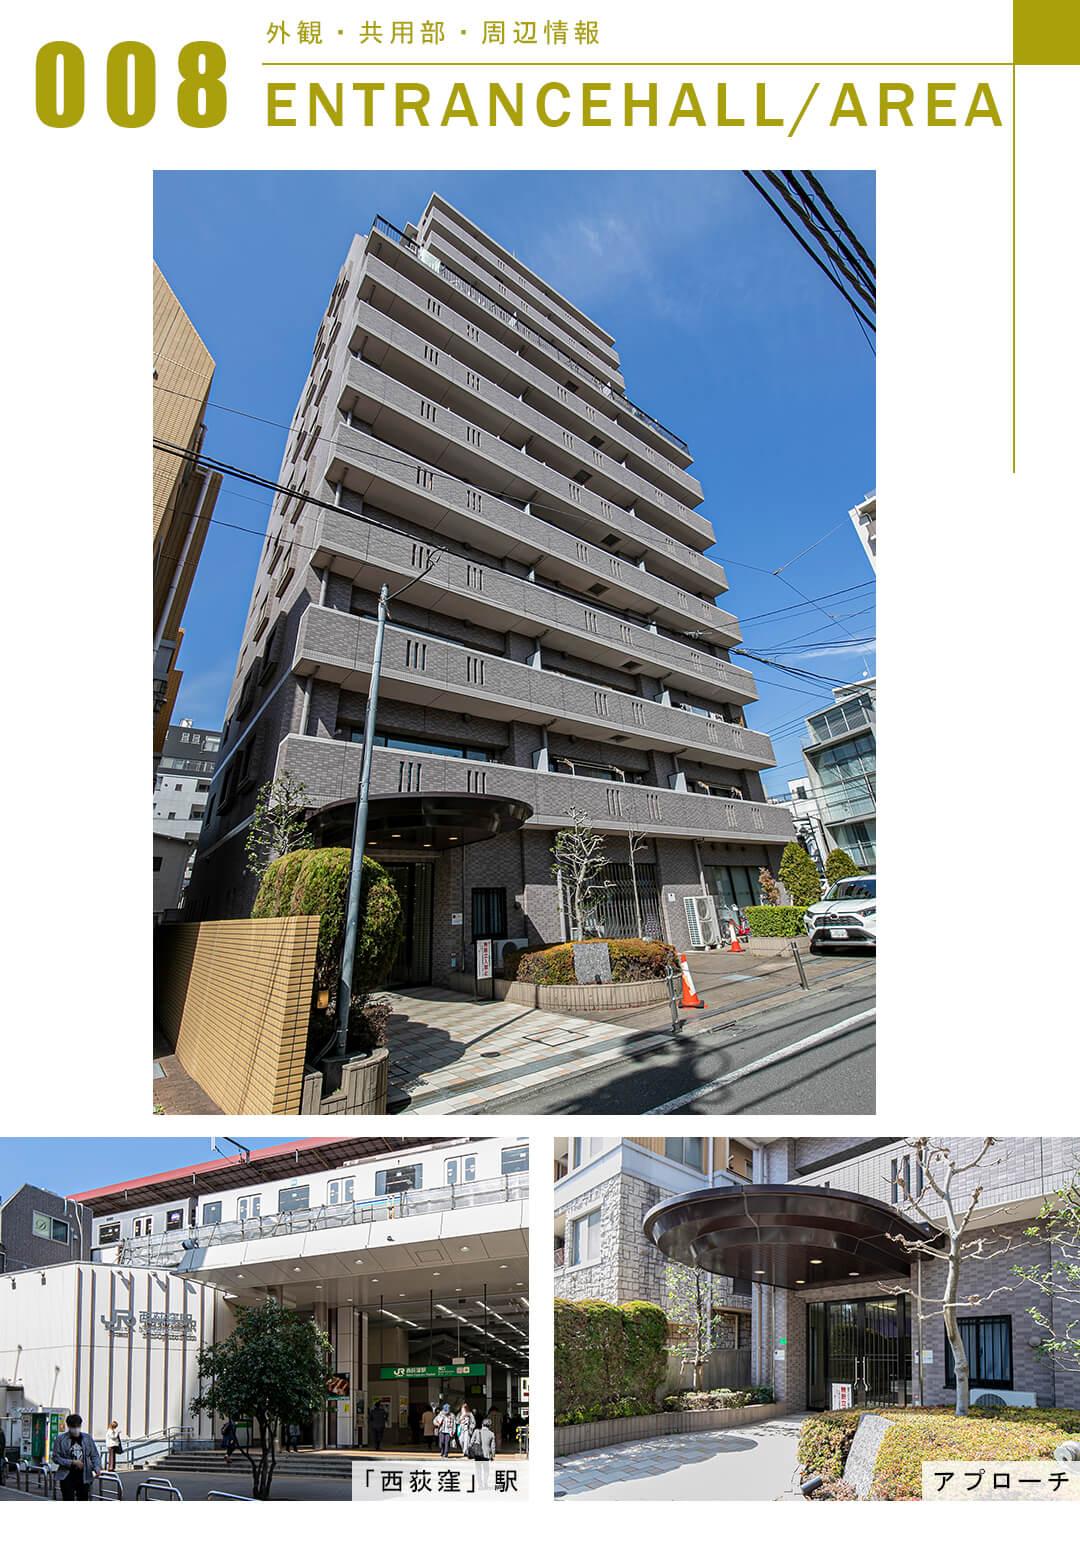 藤和シティホームズ西荻窪駅前の外観と周辺情報